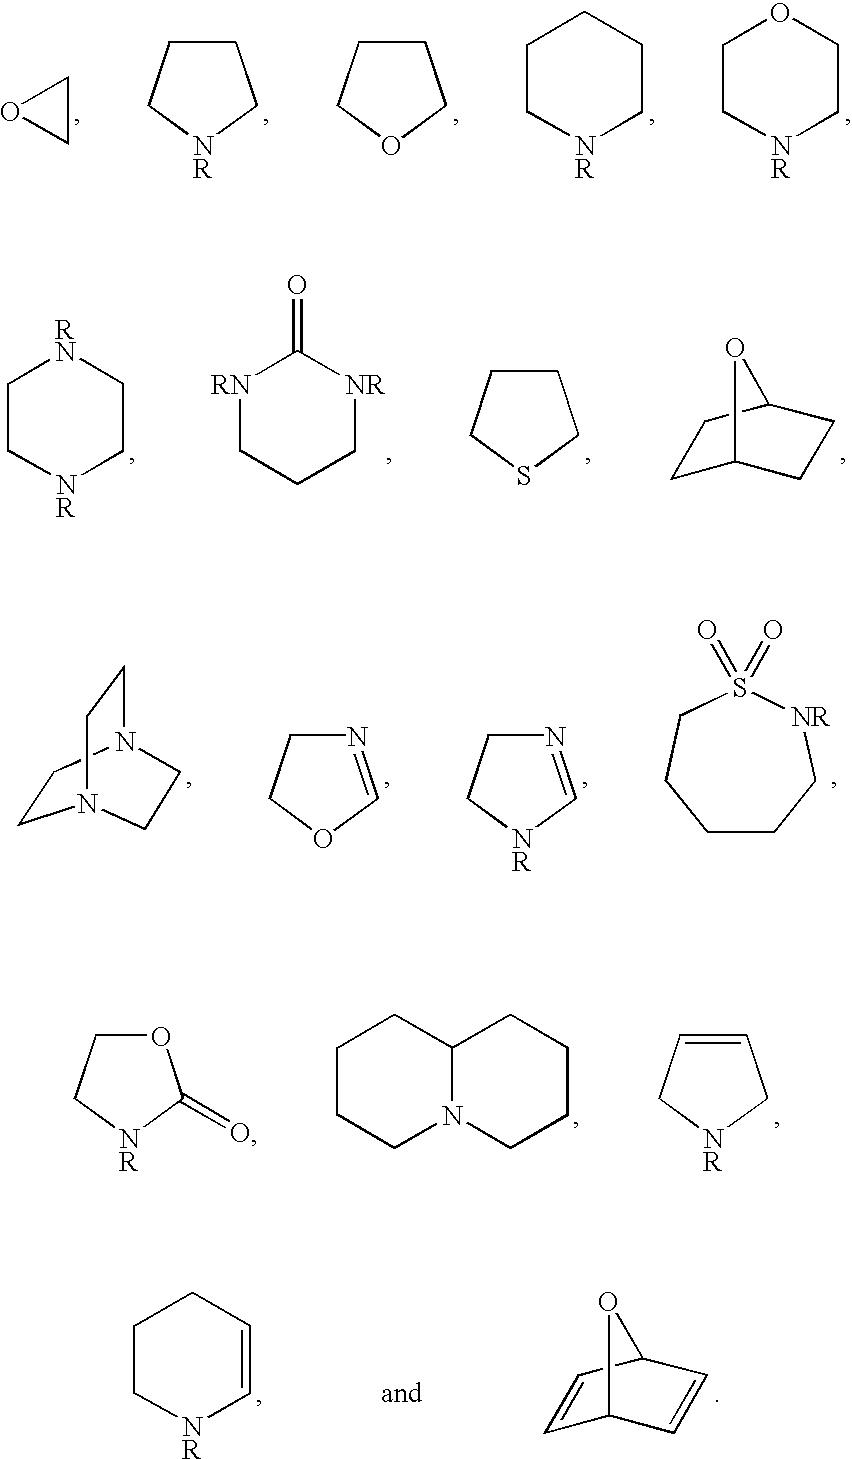 Figure US20030032801A1-20030213-C00017